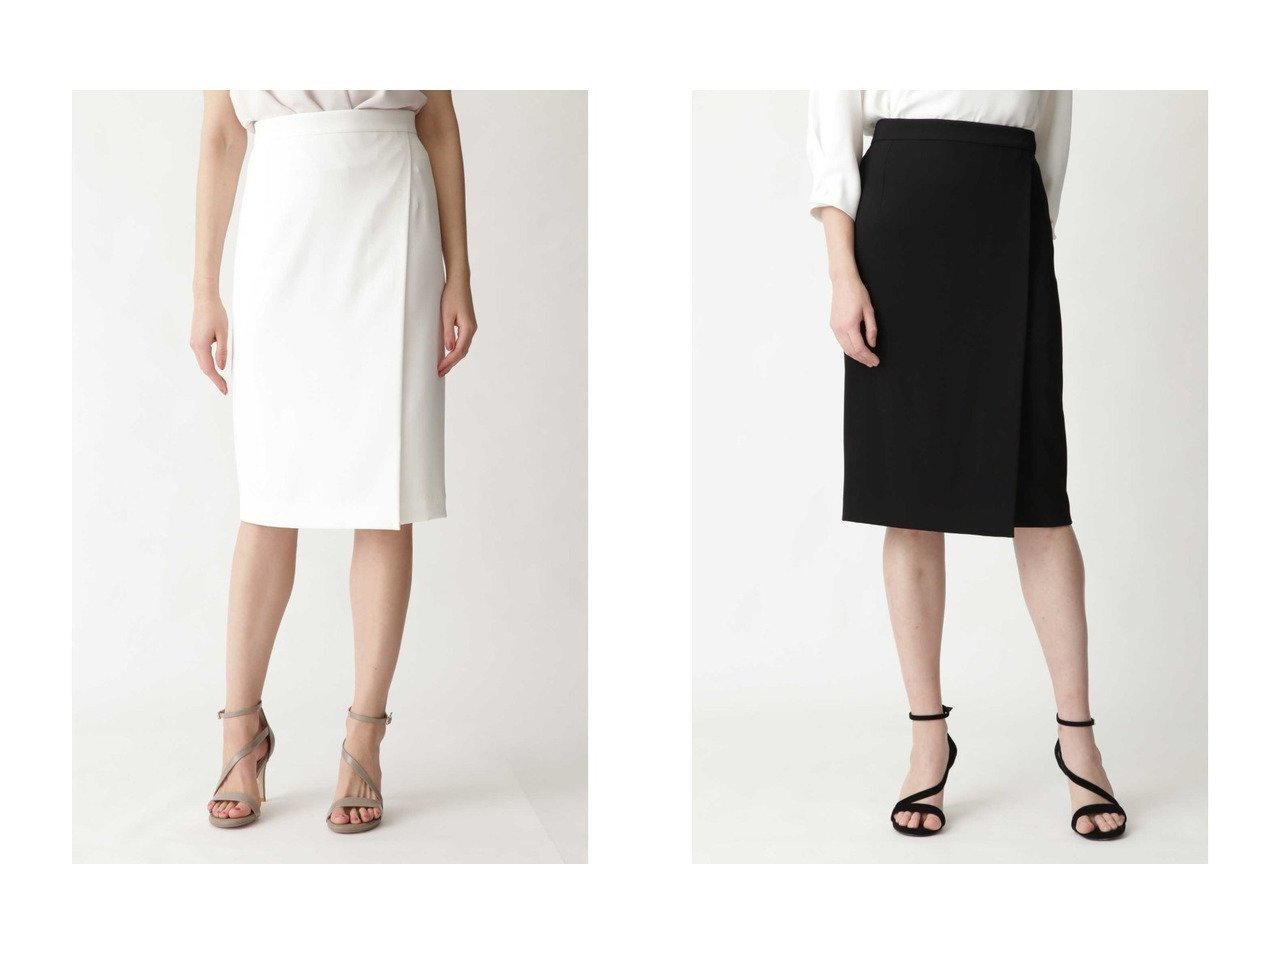 【Pinky&Dianne/ピンキーアンドダイアン】のトリアセ綾二重スカート スカートのおすすめ!人気、トレンド・レディースファッションの通販 おすすめで人気の流行・トレンド、ファッションの通販商品 メンズファッション・キッズファッション・インテリア・家具・レディースファッション・服の通販 founy(ファニー) https://founy.com/ ファッション Fashion レディースファッション WOMEN スカート Skirt エレガント ジャケット セットアップ ラップ 春 Spring |ID:crp329100000016091